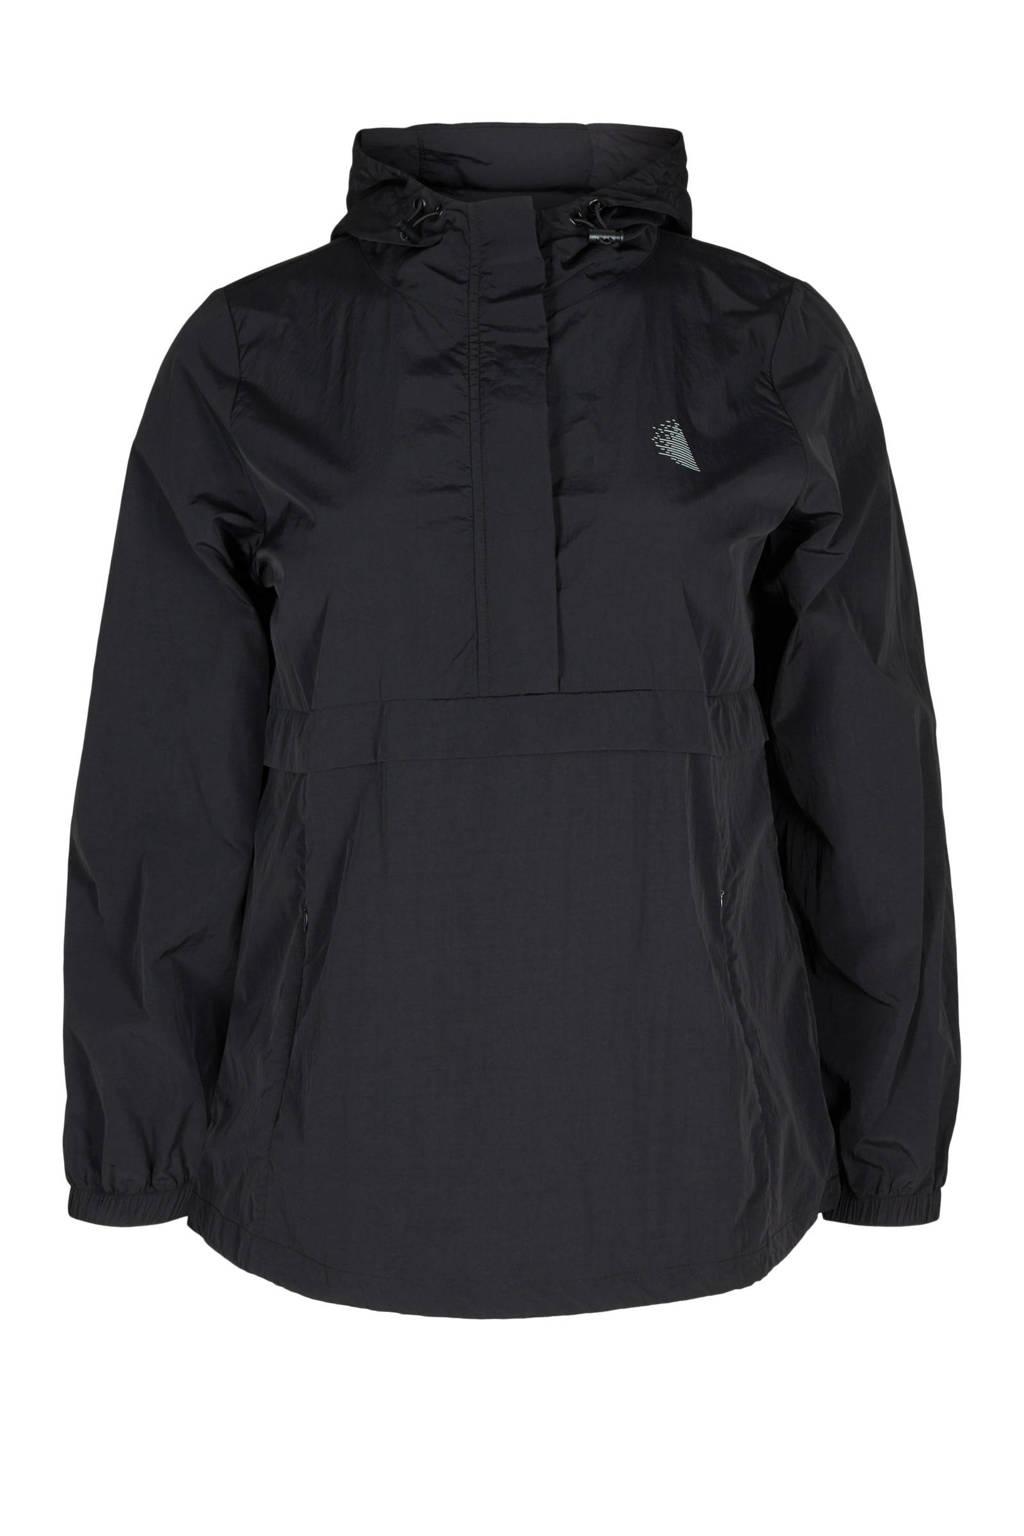 ACTIVE By Zizzi Plus Size sportjack zwart, Zwart